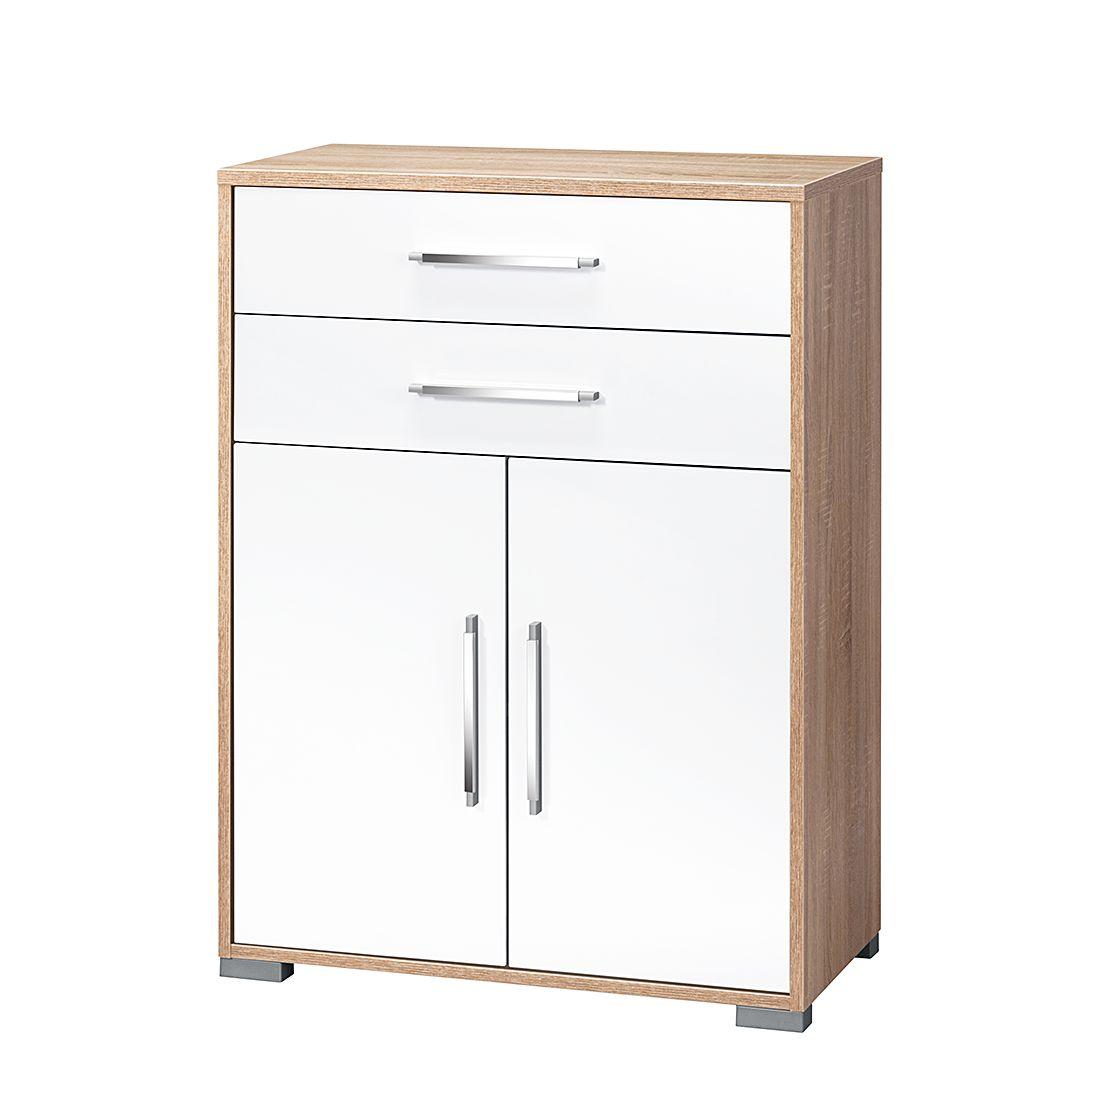 Kommode Merit - Hochglanz Weiß/Eiche Sonoma Dekor, Maja Möbel